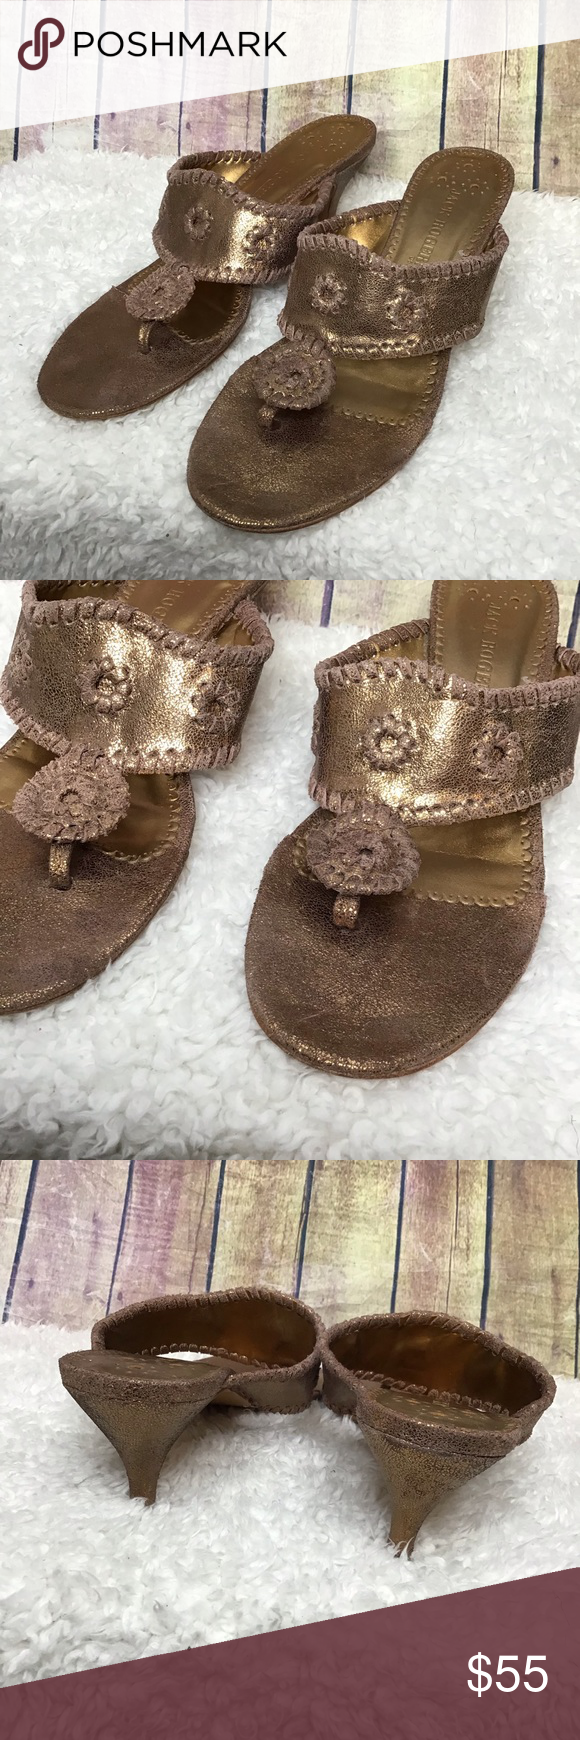 Jack Rogers Maggie Metallic Kitten Heel Sandal With Images Kitten Heel Sandals Sandals Heels Kitten Heels